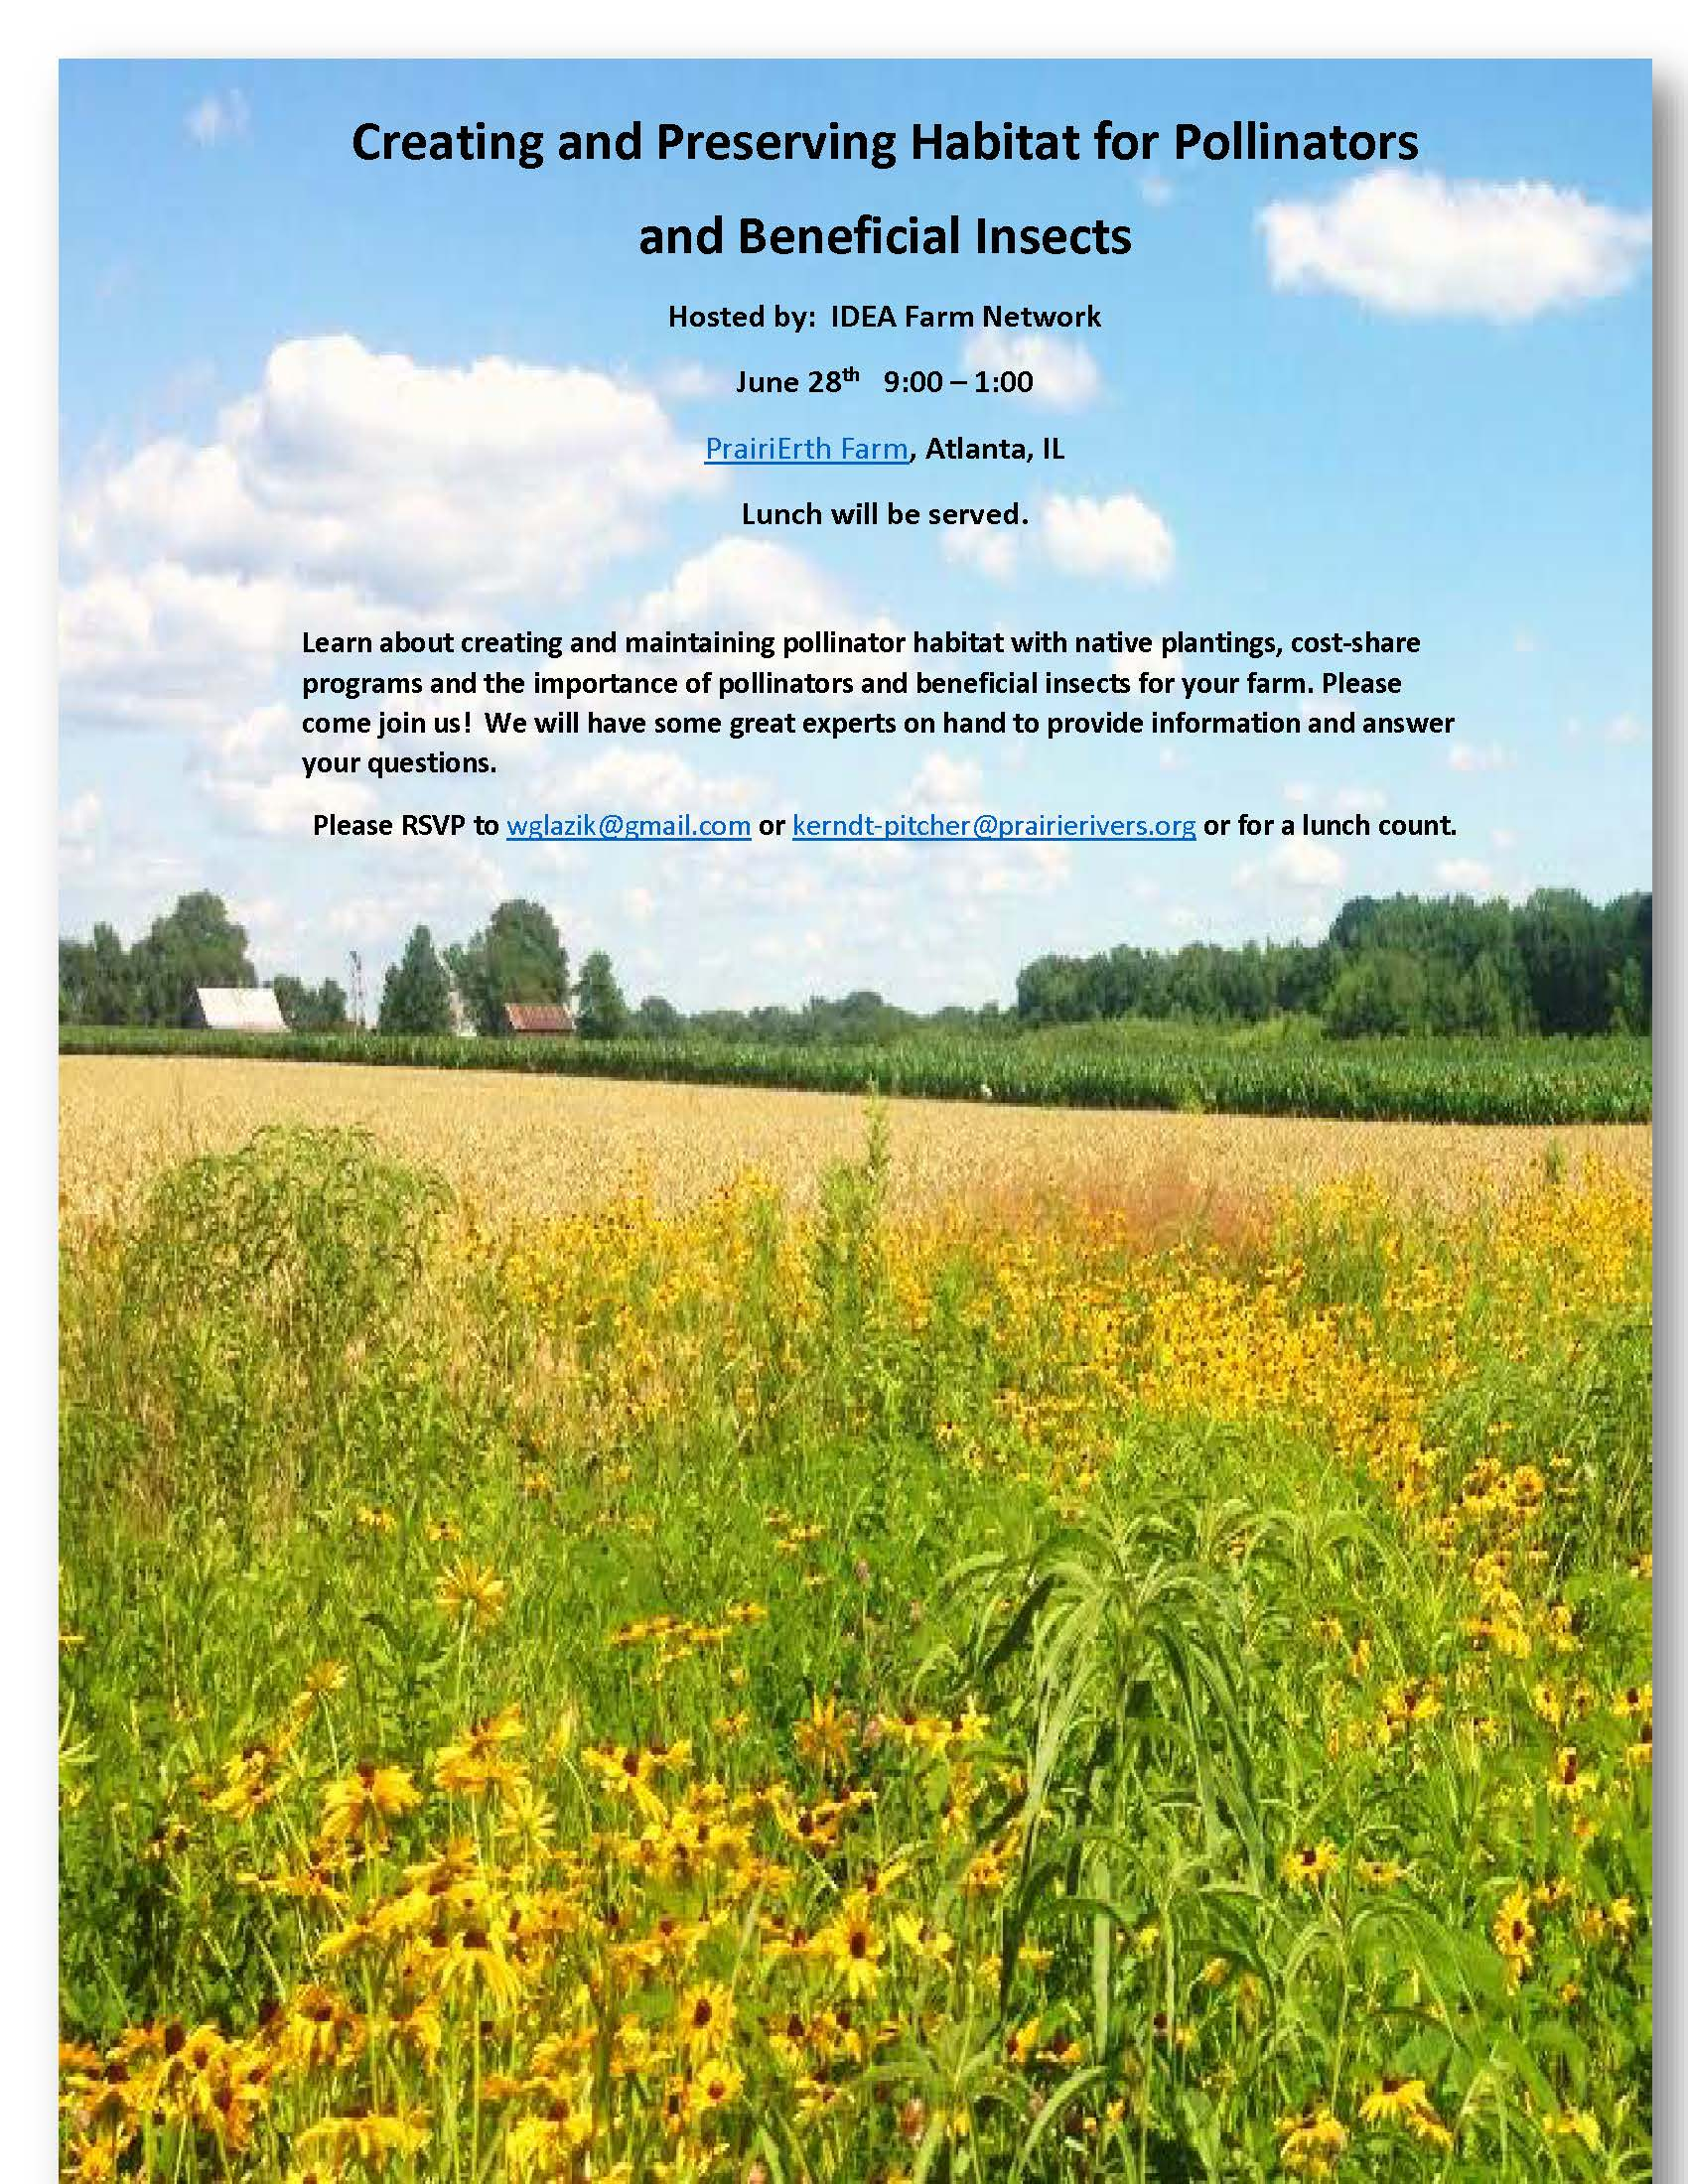 IDEA Farm Network - June 28